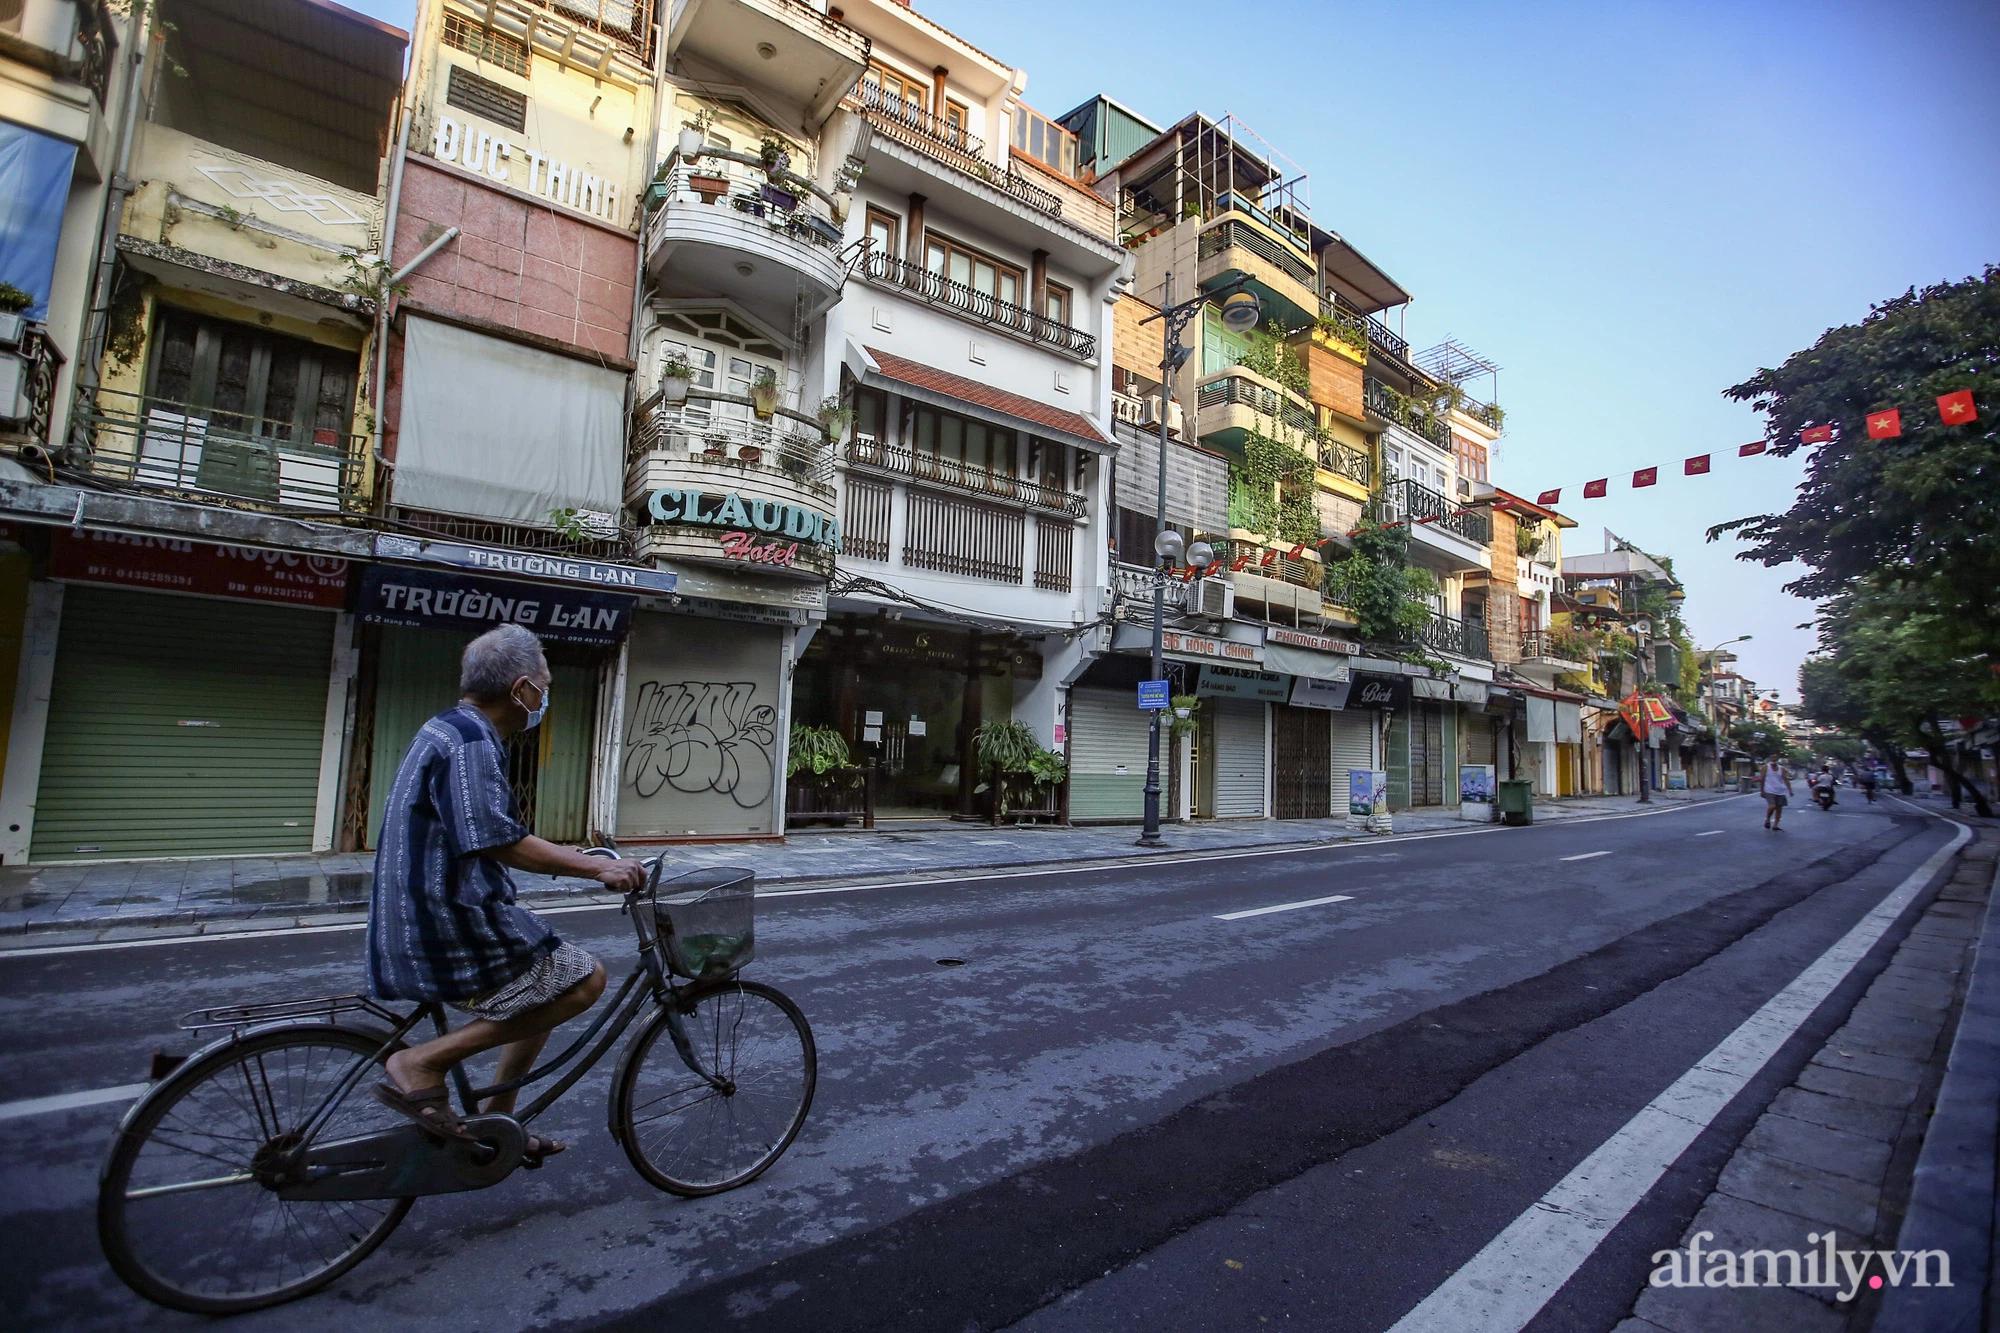 Buổi sáng đầu tiên cách ly toàn xã hội, đường phố Hà Nội vắng vẻ, người dân chỉ tập trung đông tại một số khu chợ để mua đồ ăn uống, sinh hoạt cho những ngày sắp tới - Ảnh 3.